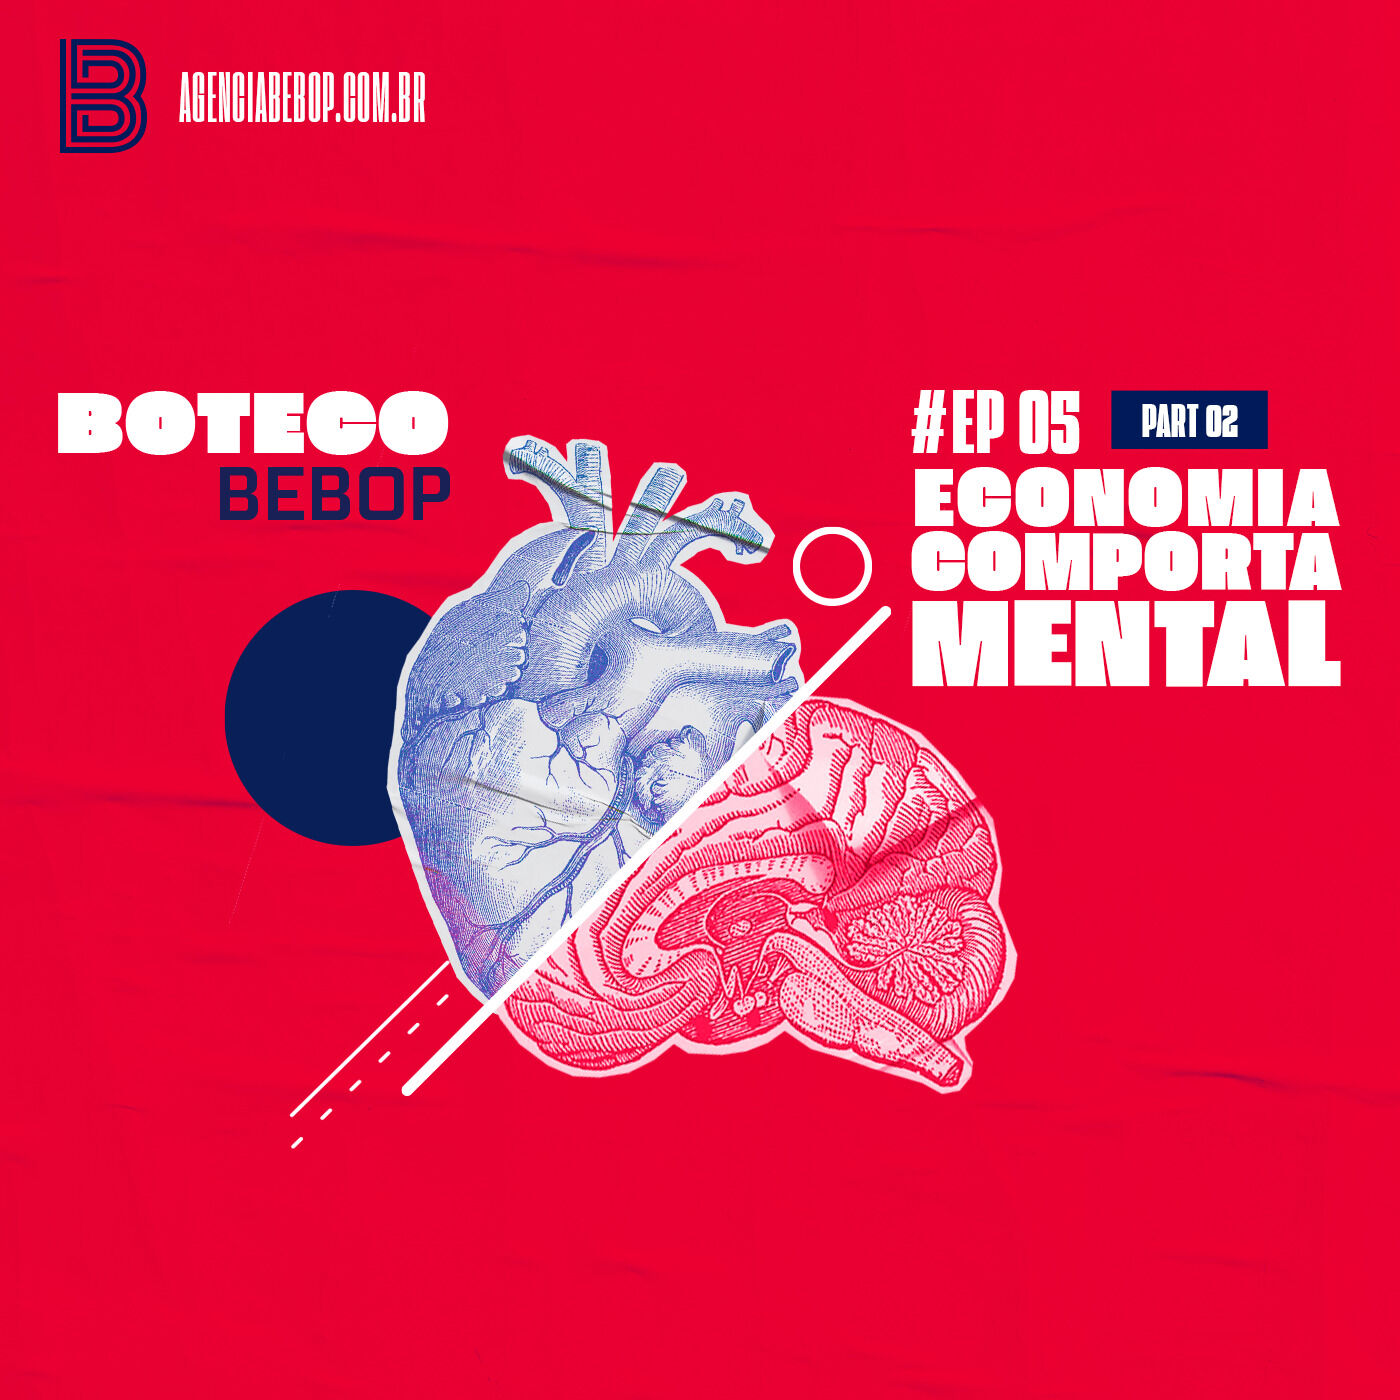 #EP 05 - Boteco Bebop | Economia Comportamental - Part 2